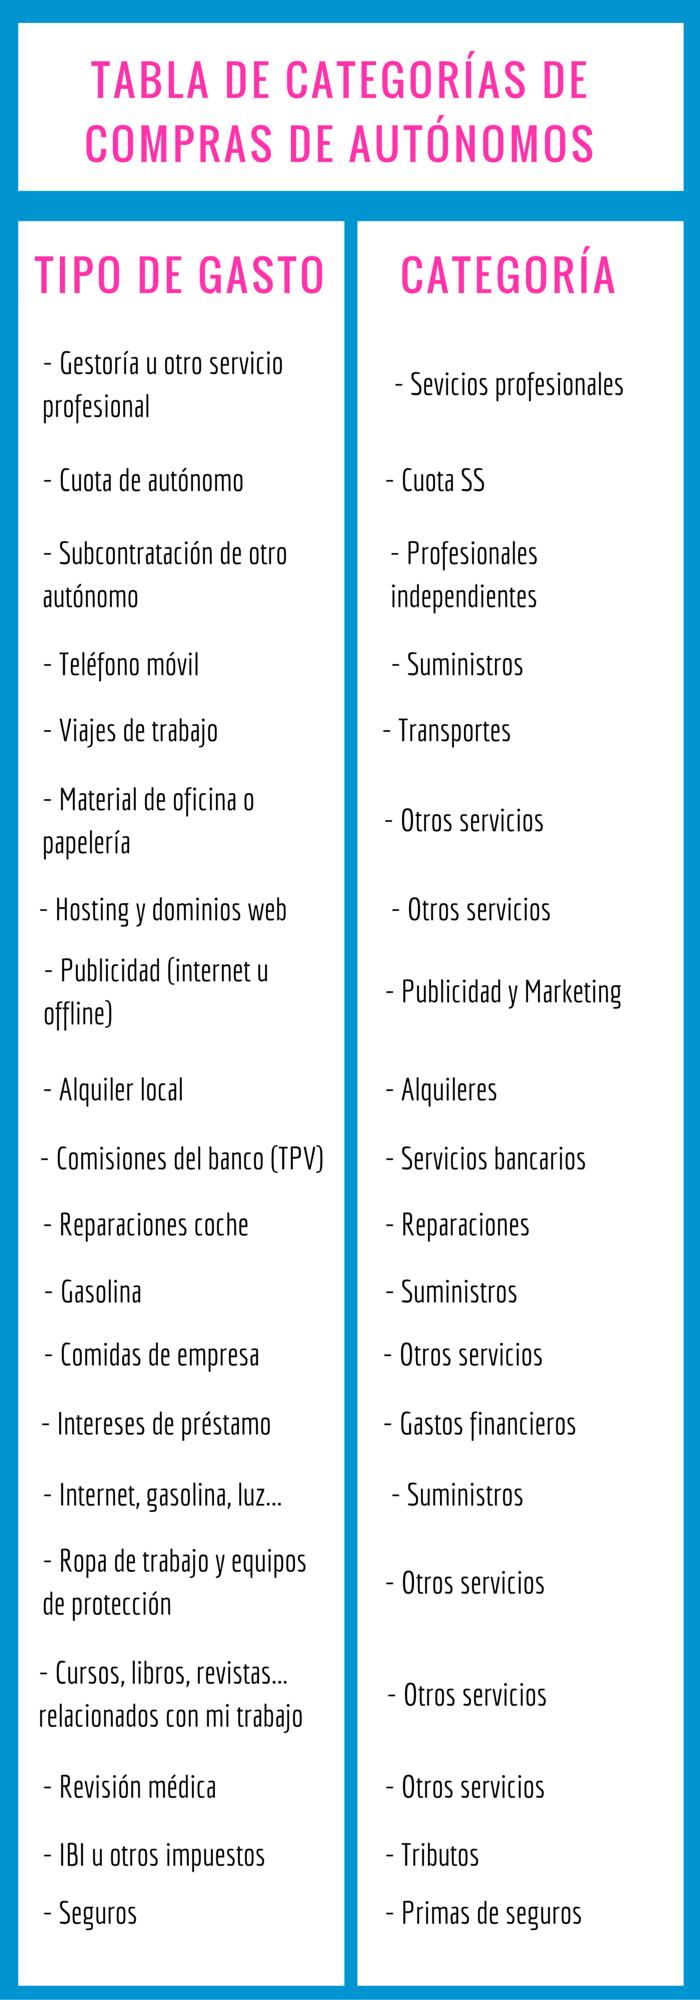 contabilidad-gastos-deducibles-autonomo.png